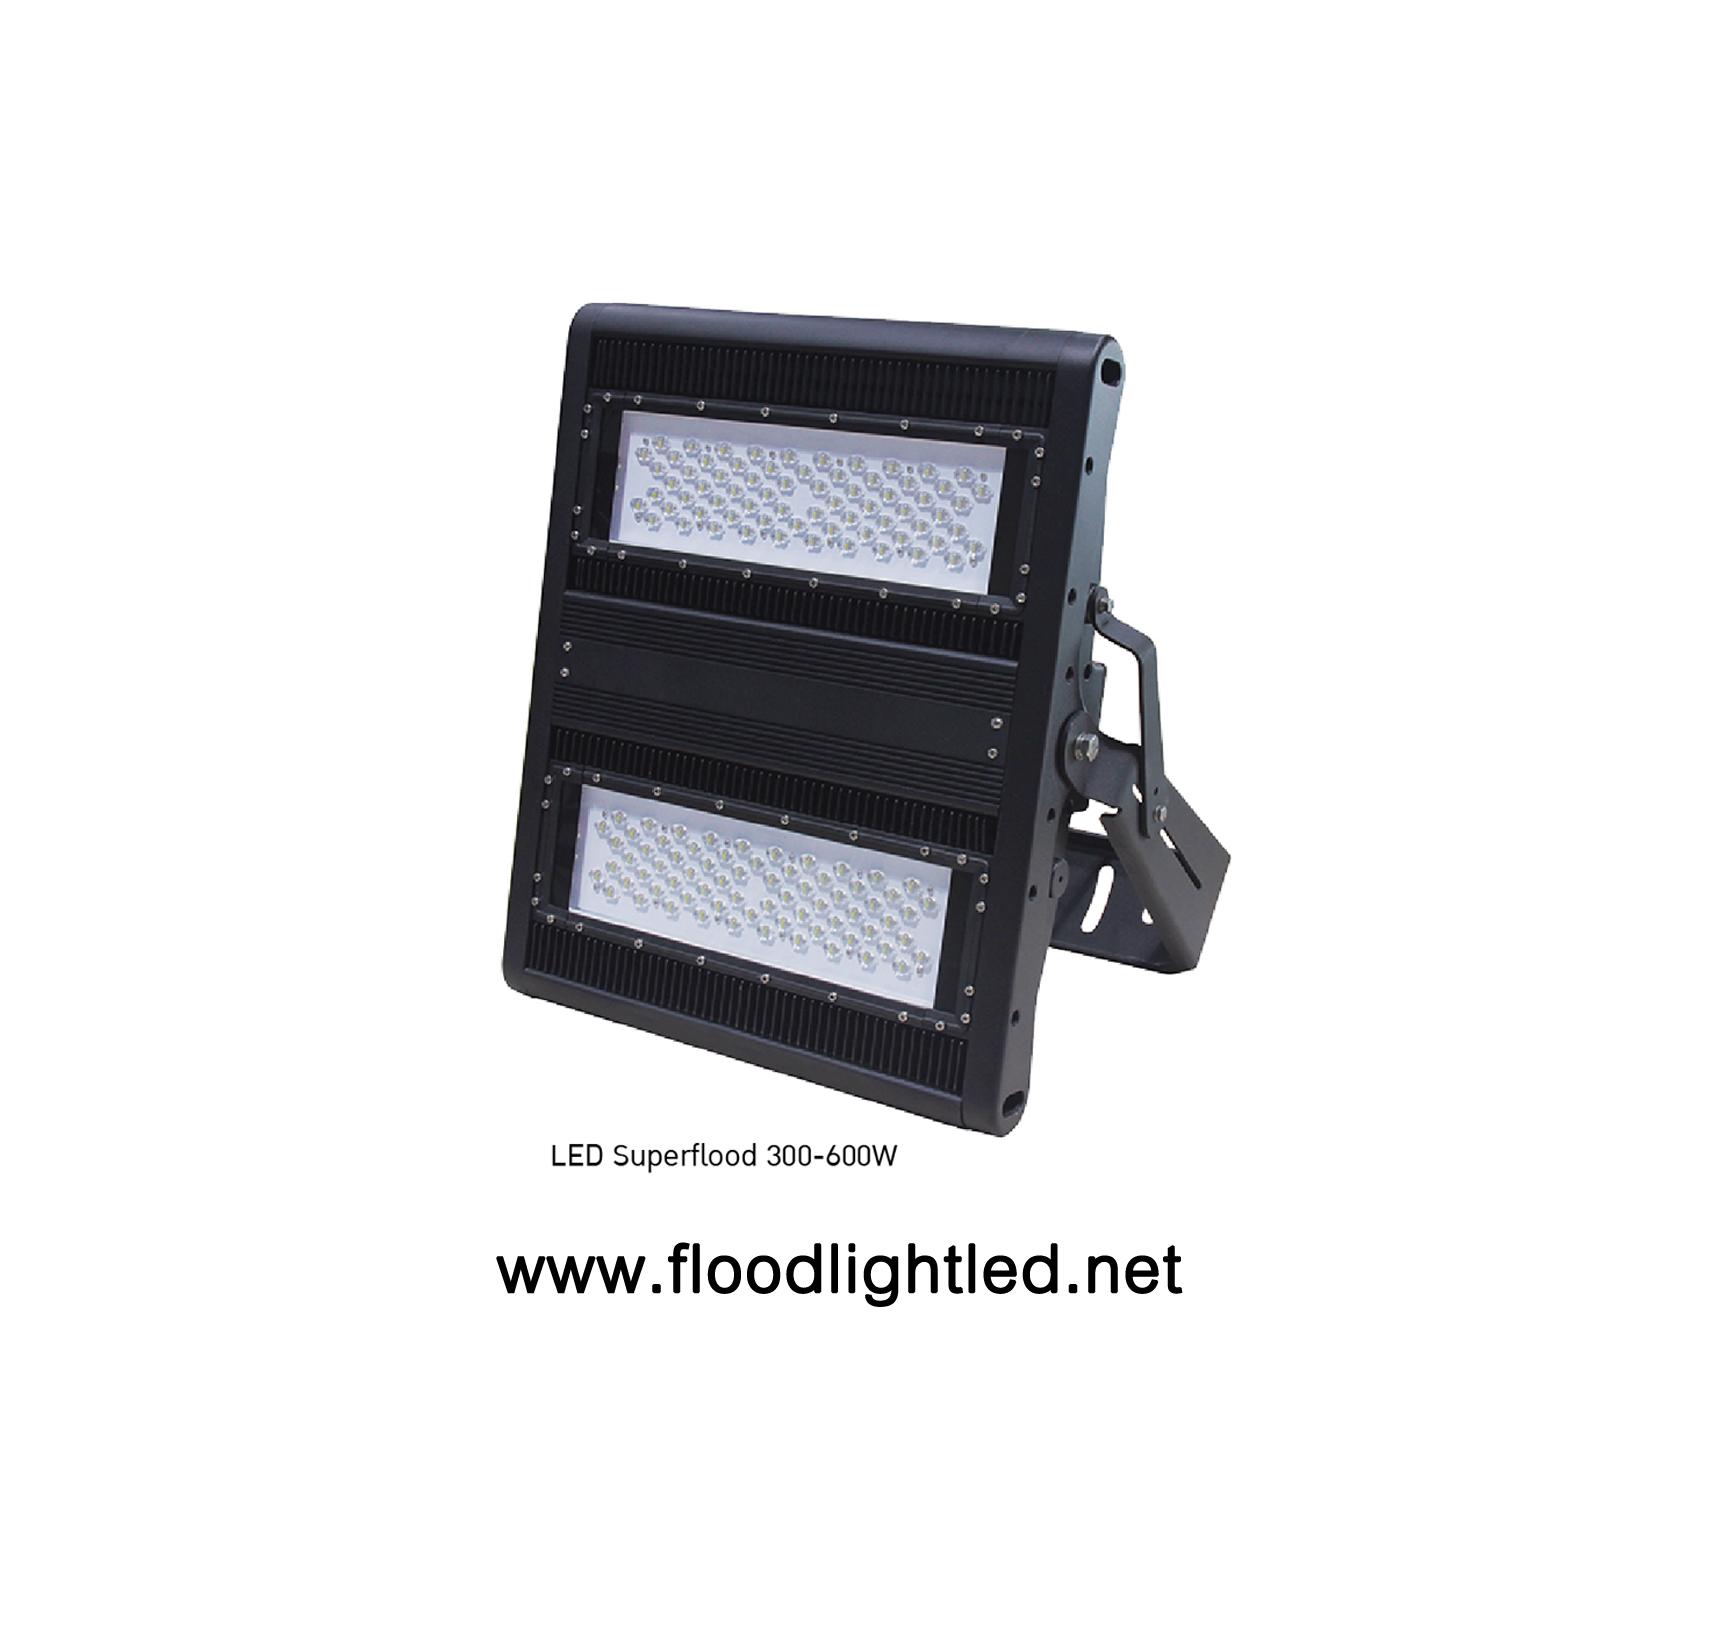 โคมไฟสปอร์ตไลท์ LED 600w EVE (Superflood) เดย์ไลท์